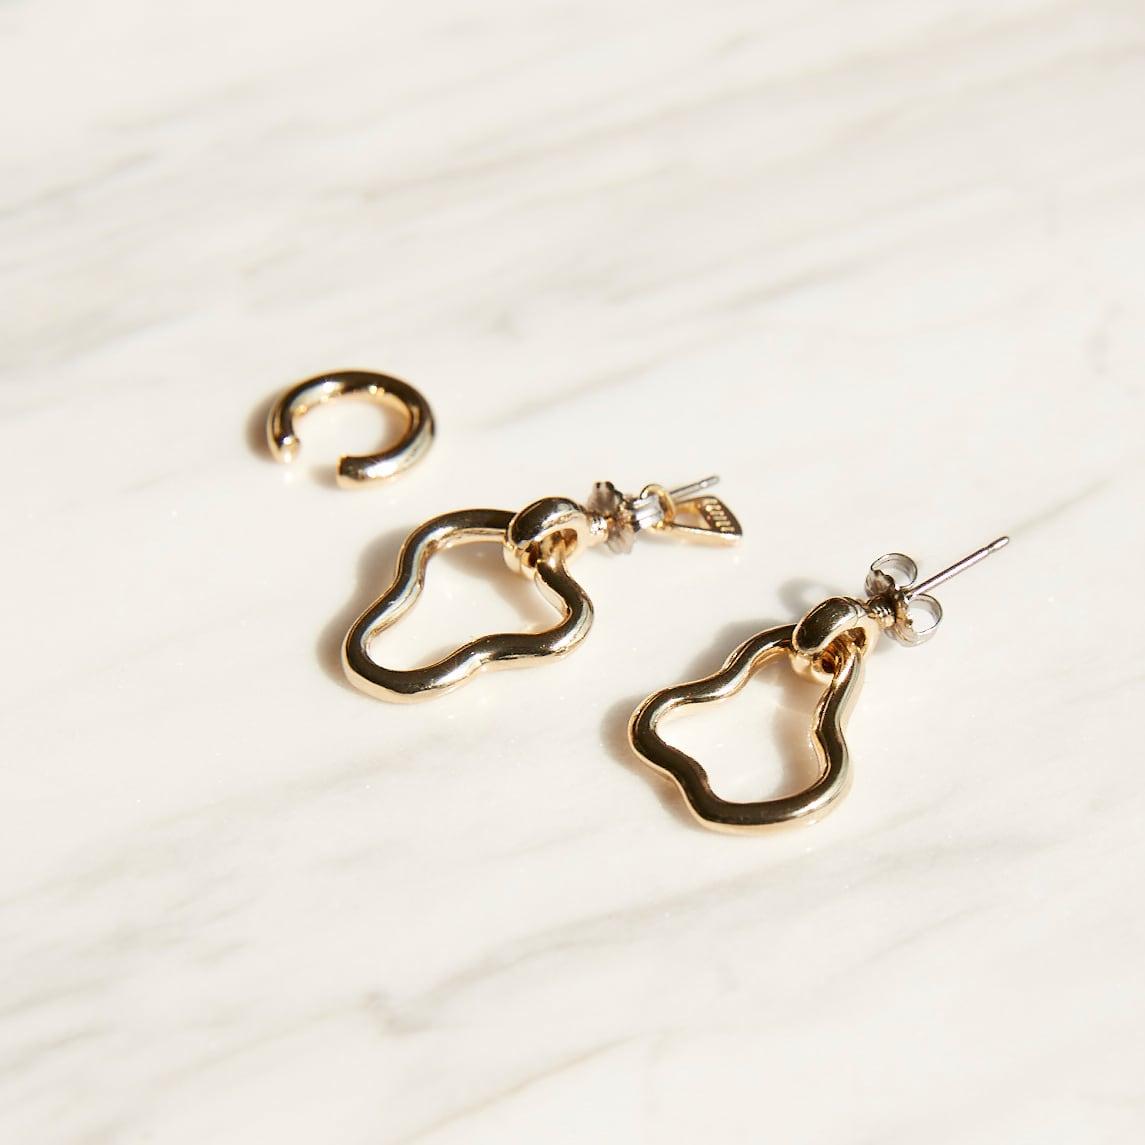 nim-12 Pierced earring